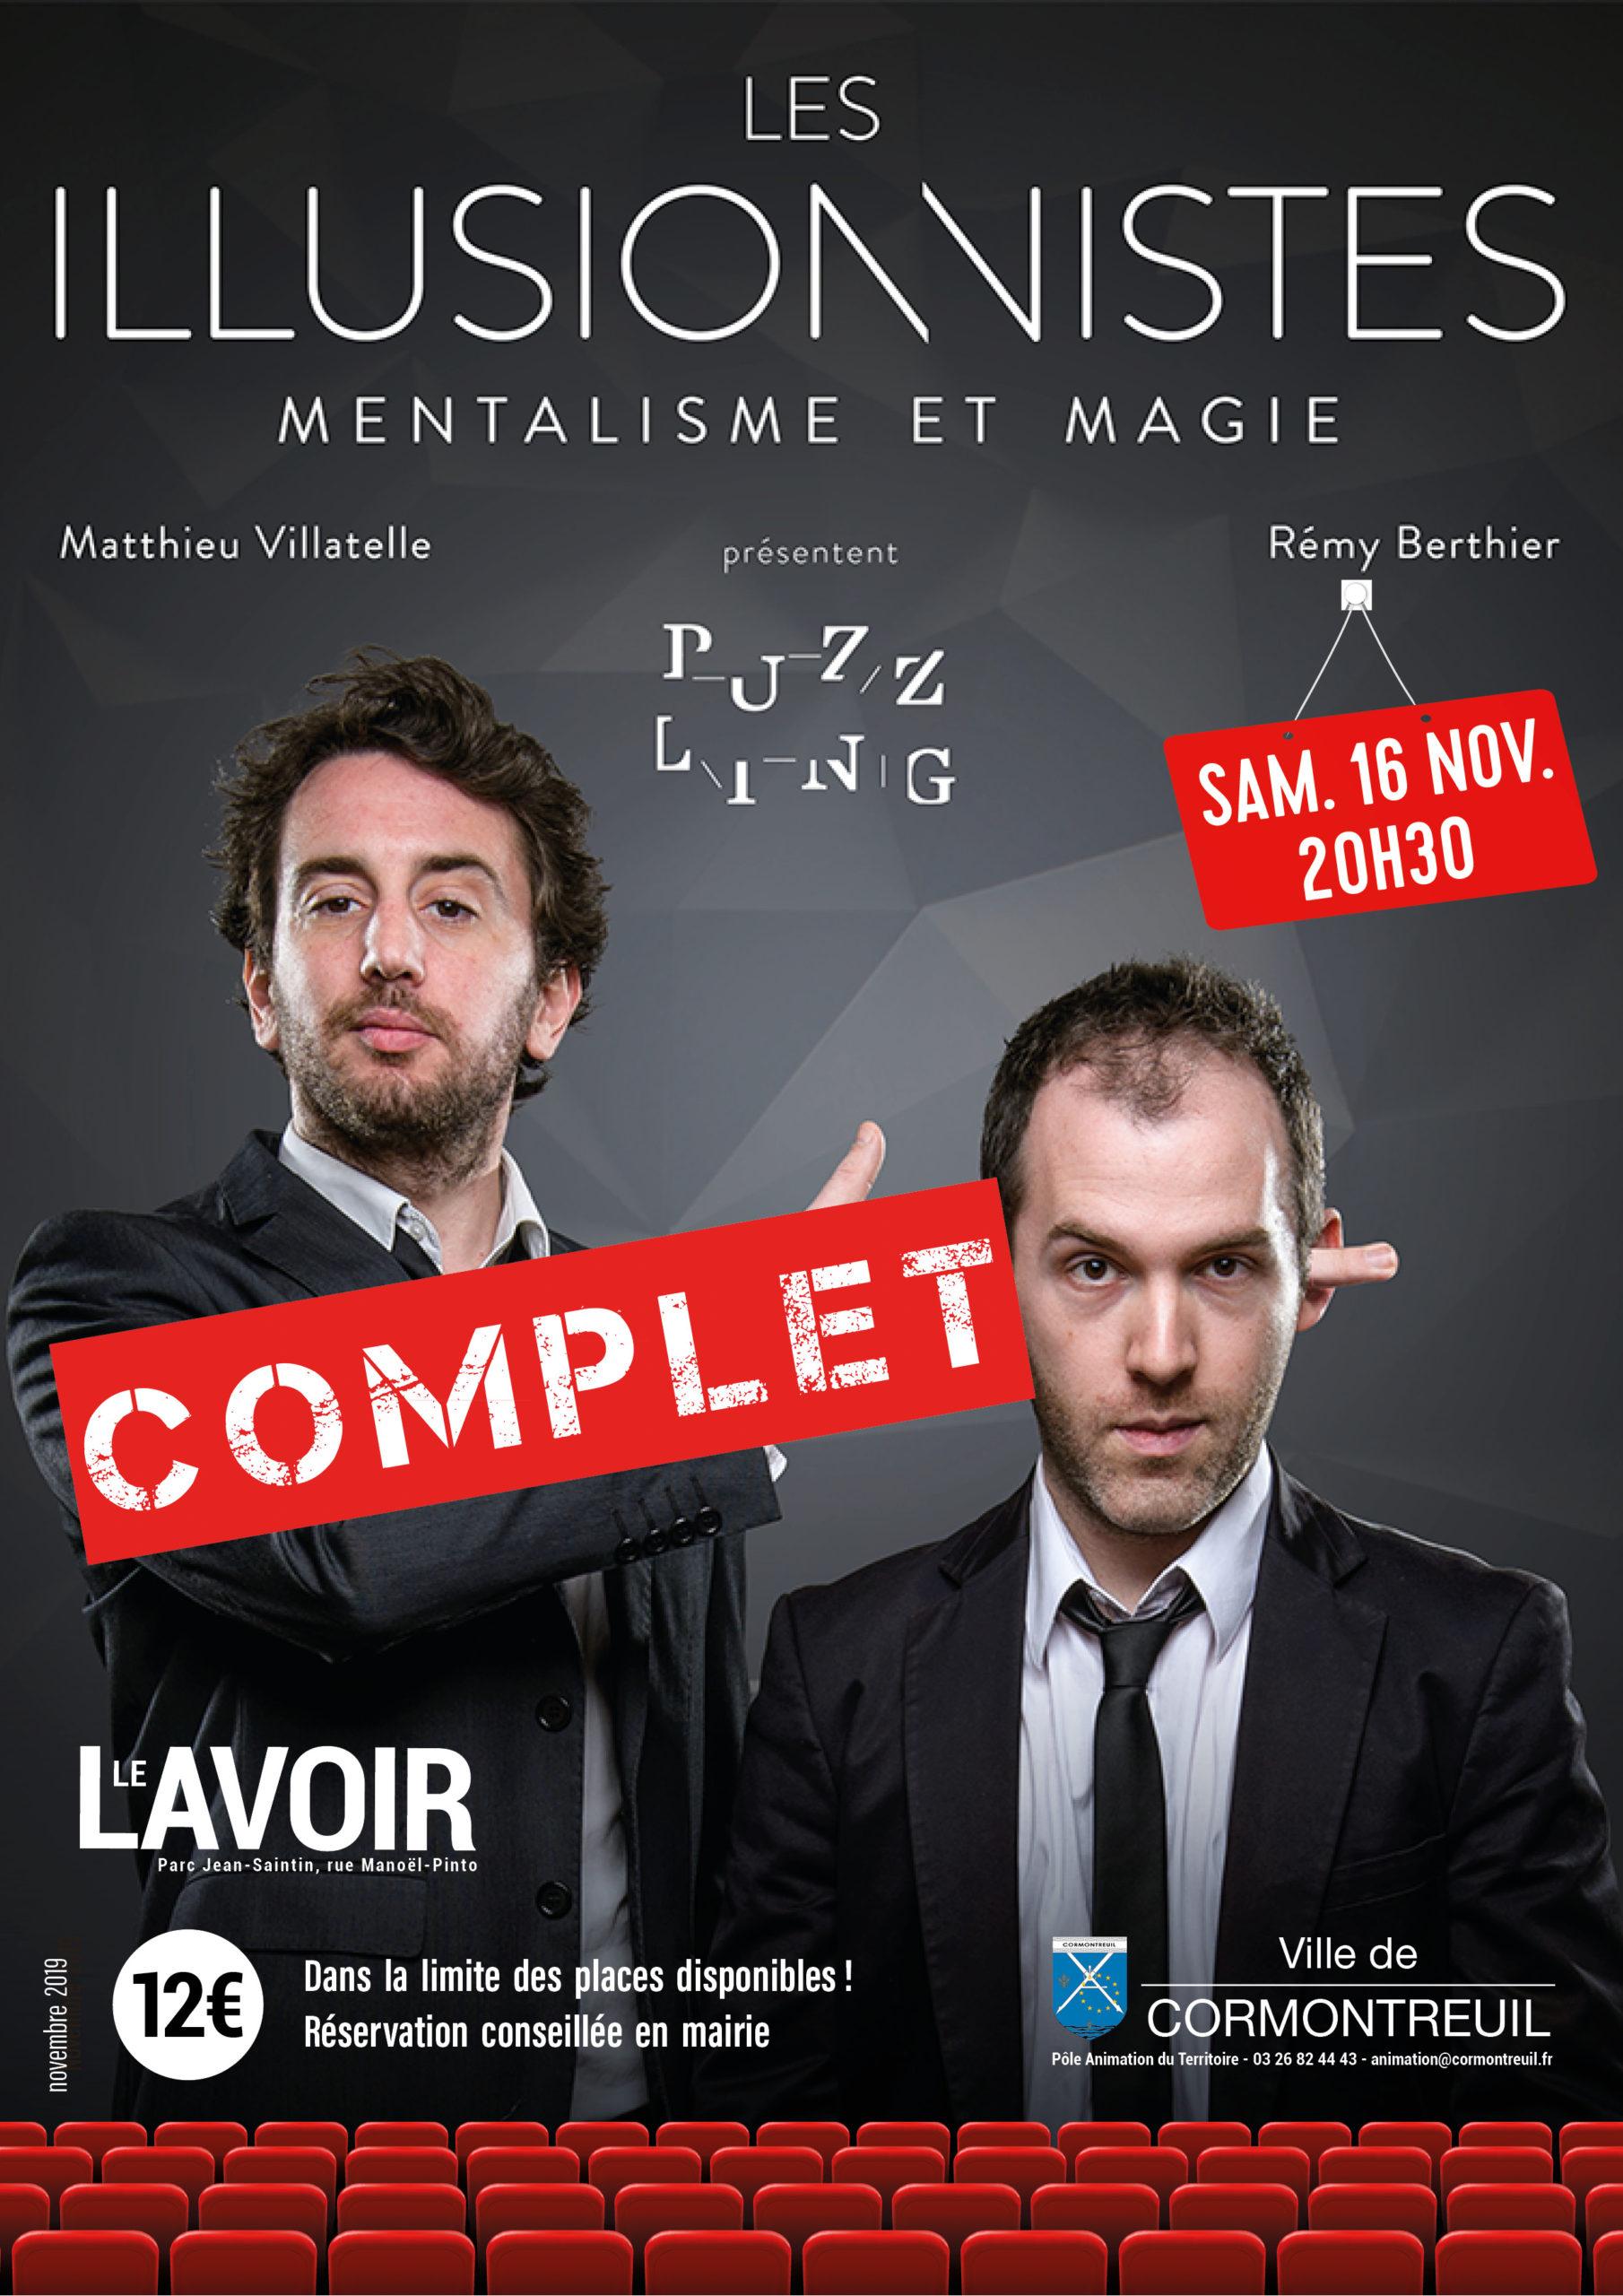 Cormontreuil affiche Les Illusionnistes spectacle mentalisme magie 16 novembre 2019 Le Lavoir